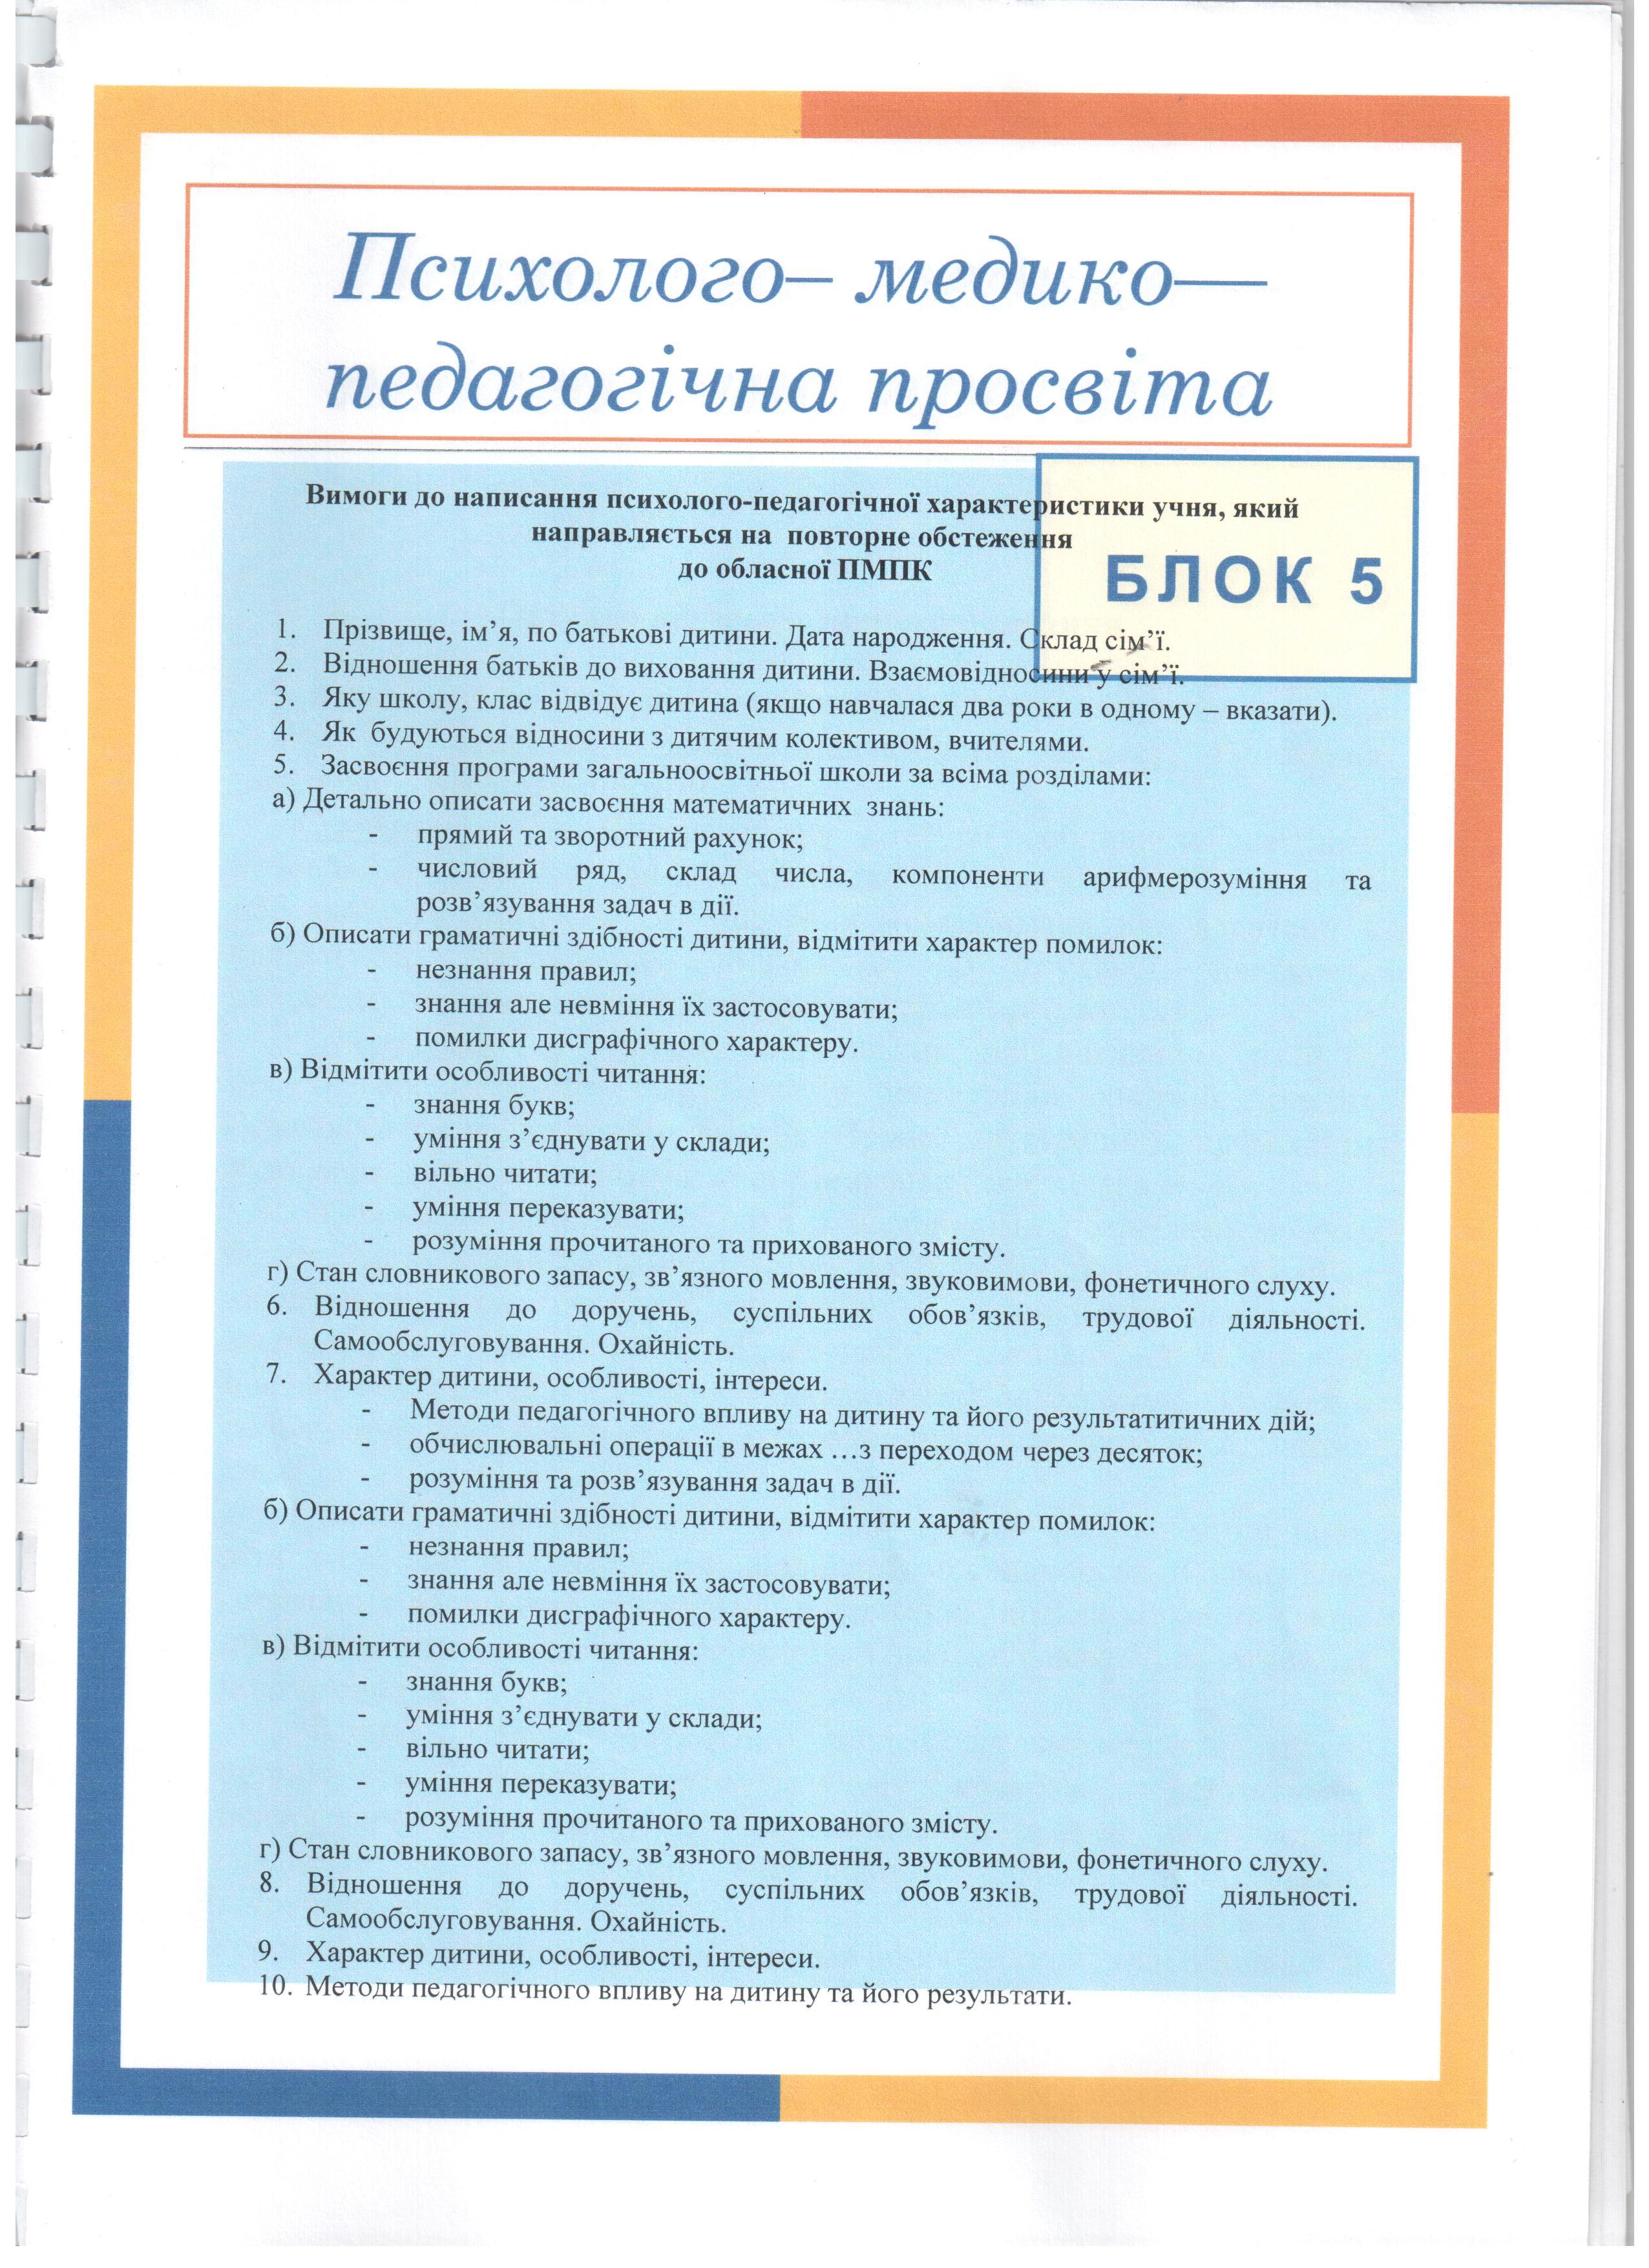 Примерная схема психолого-педагогической характеристики